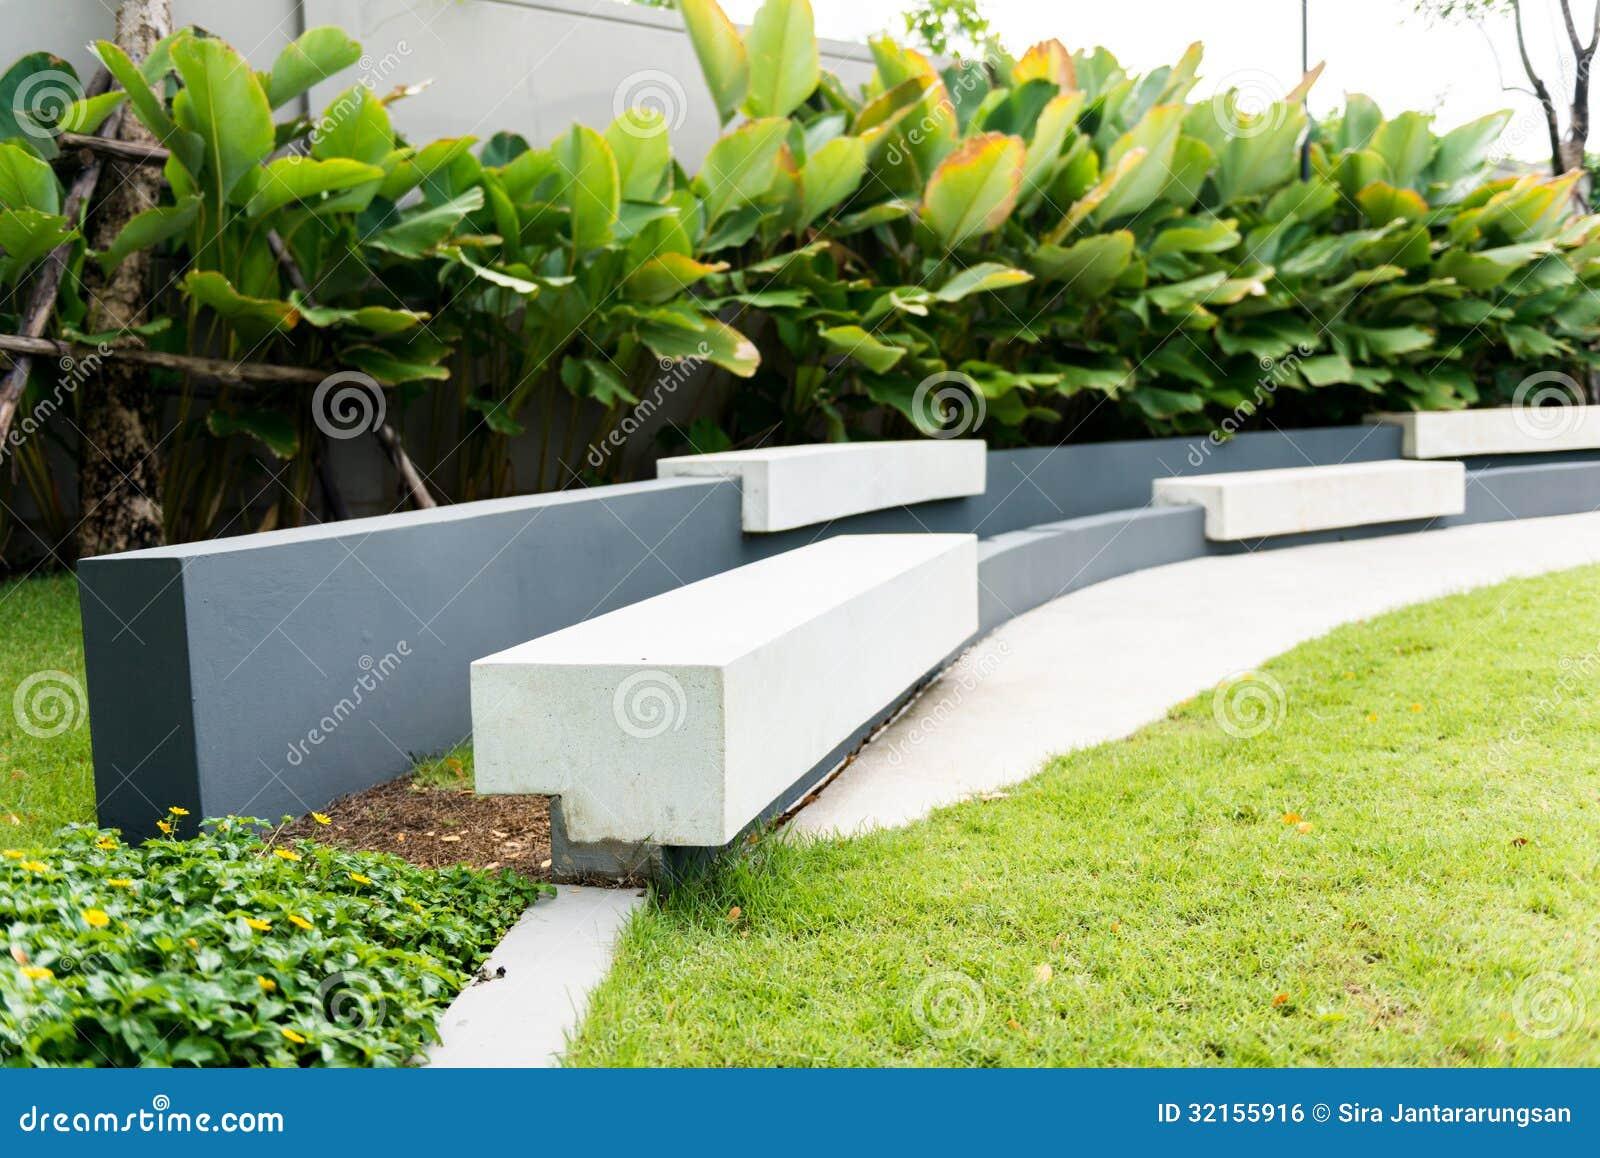 banco de concreto para jardim em jundiai : banco de concreto para jardim em jundiai:Banco concreto branco